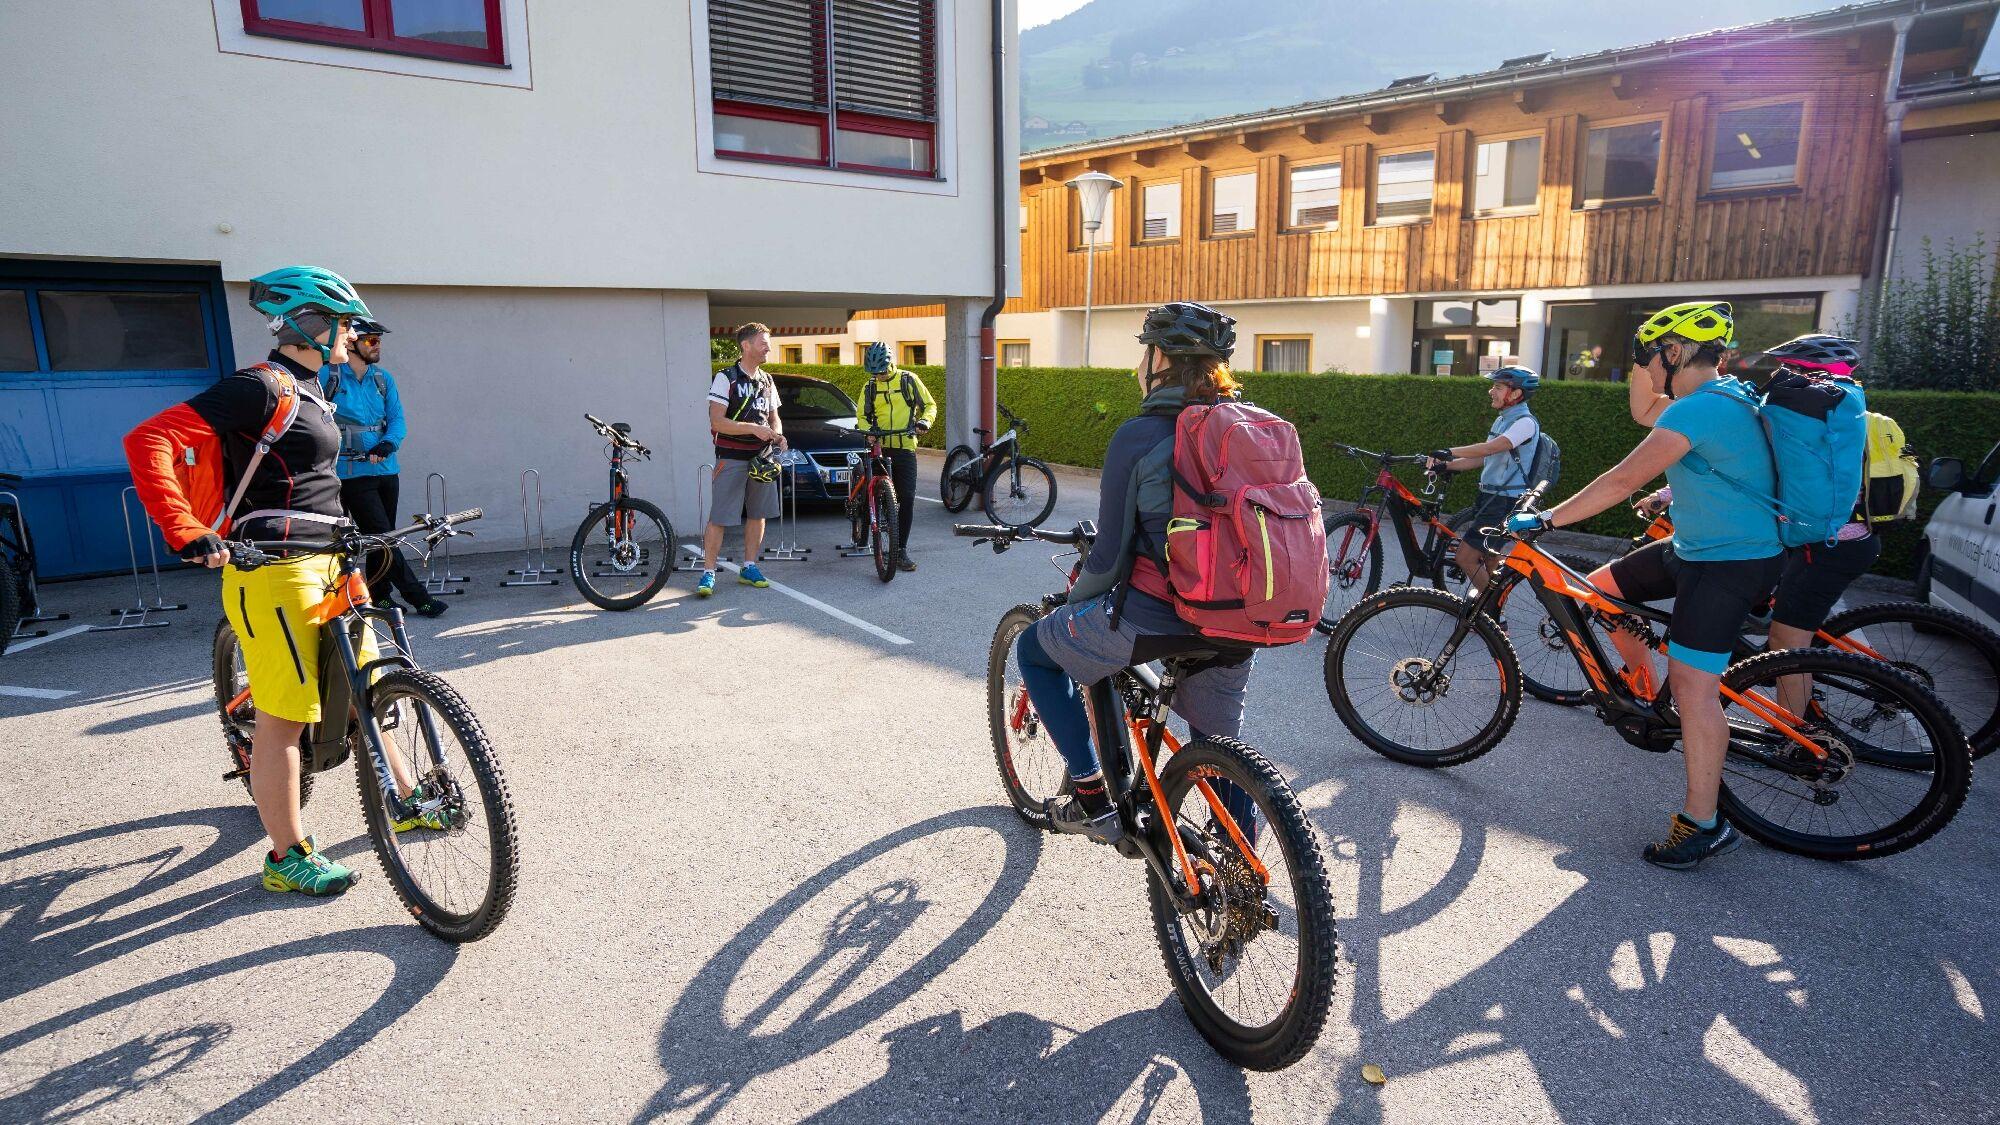 Mit dem E-Mobilitäts-Event zeigt Osttirol, wie konsequent man das Thema Nachhaltigkeit umsetzen kann